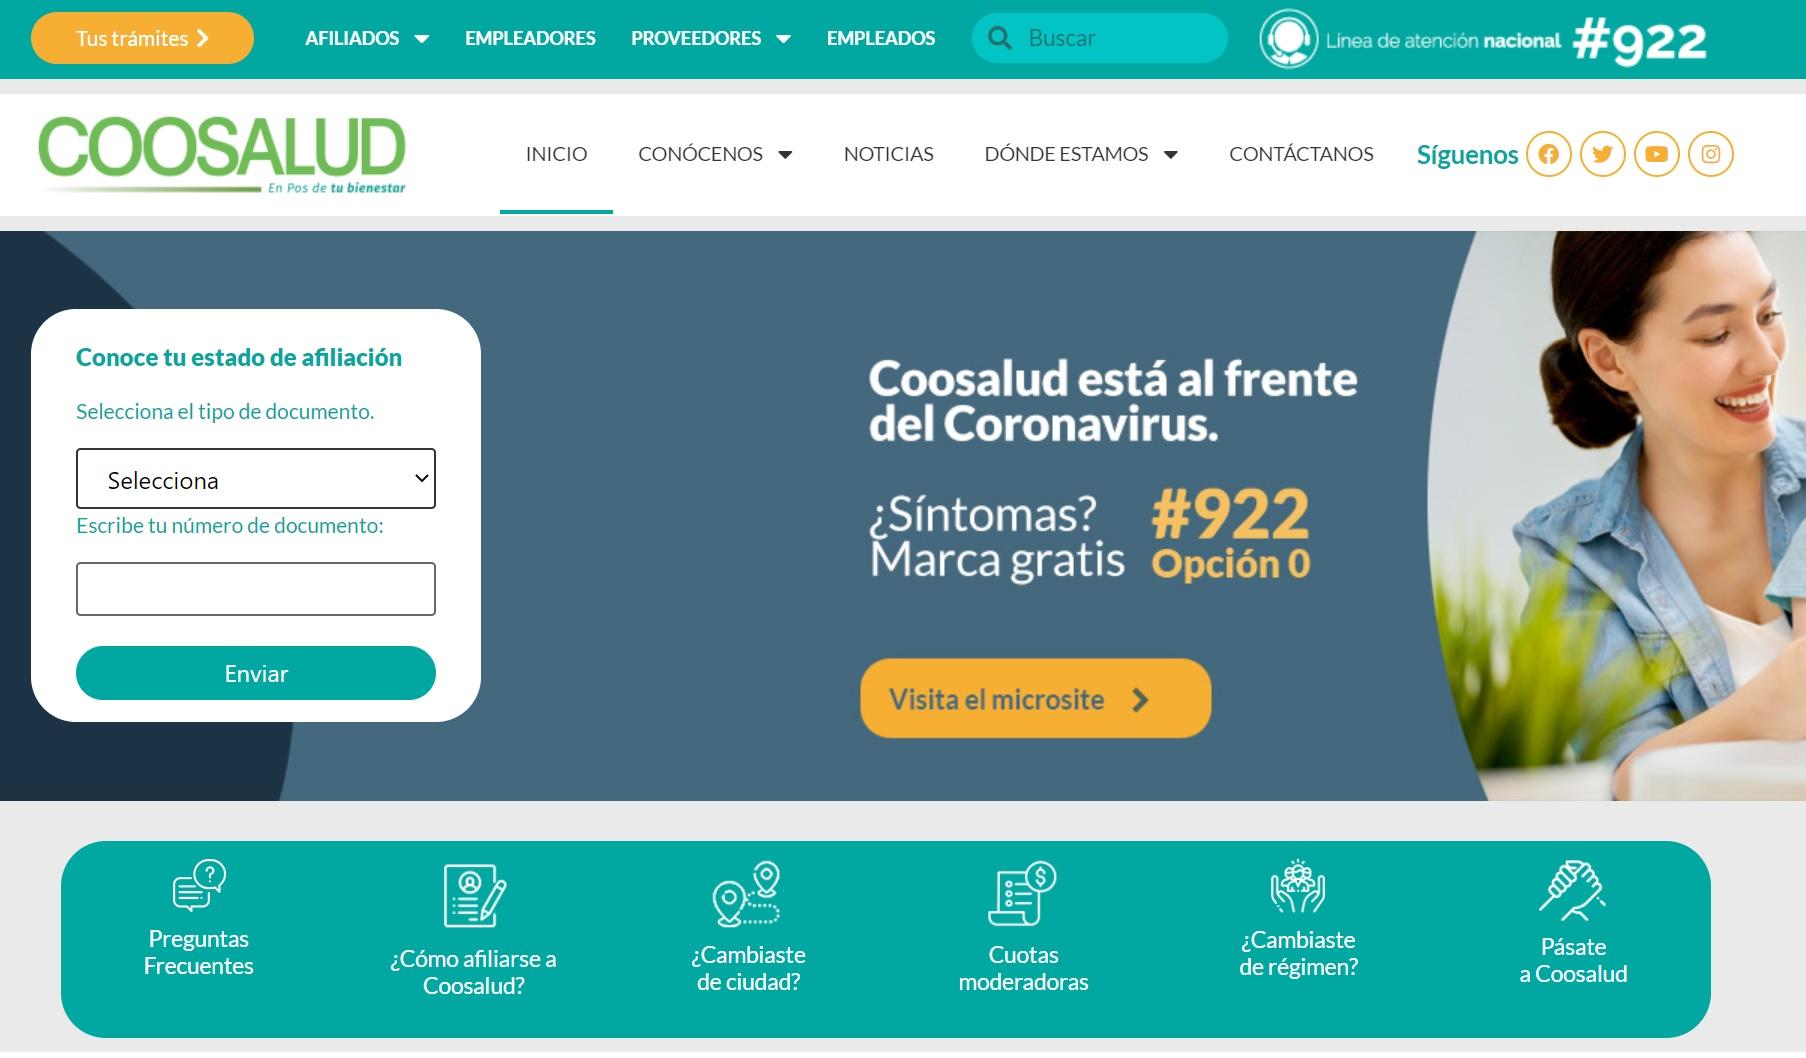 Coosalud: Servicios en línea y teléfonos 1